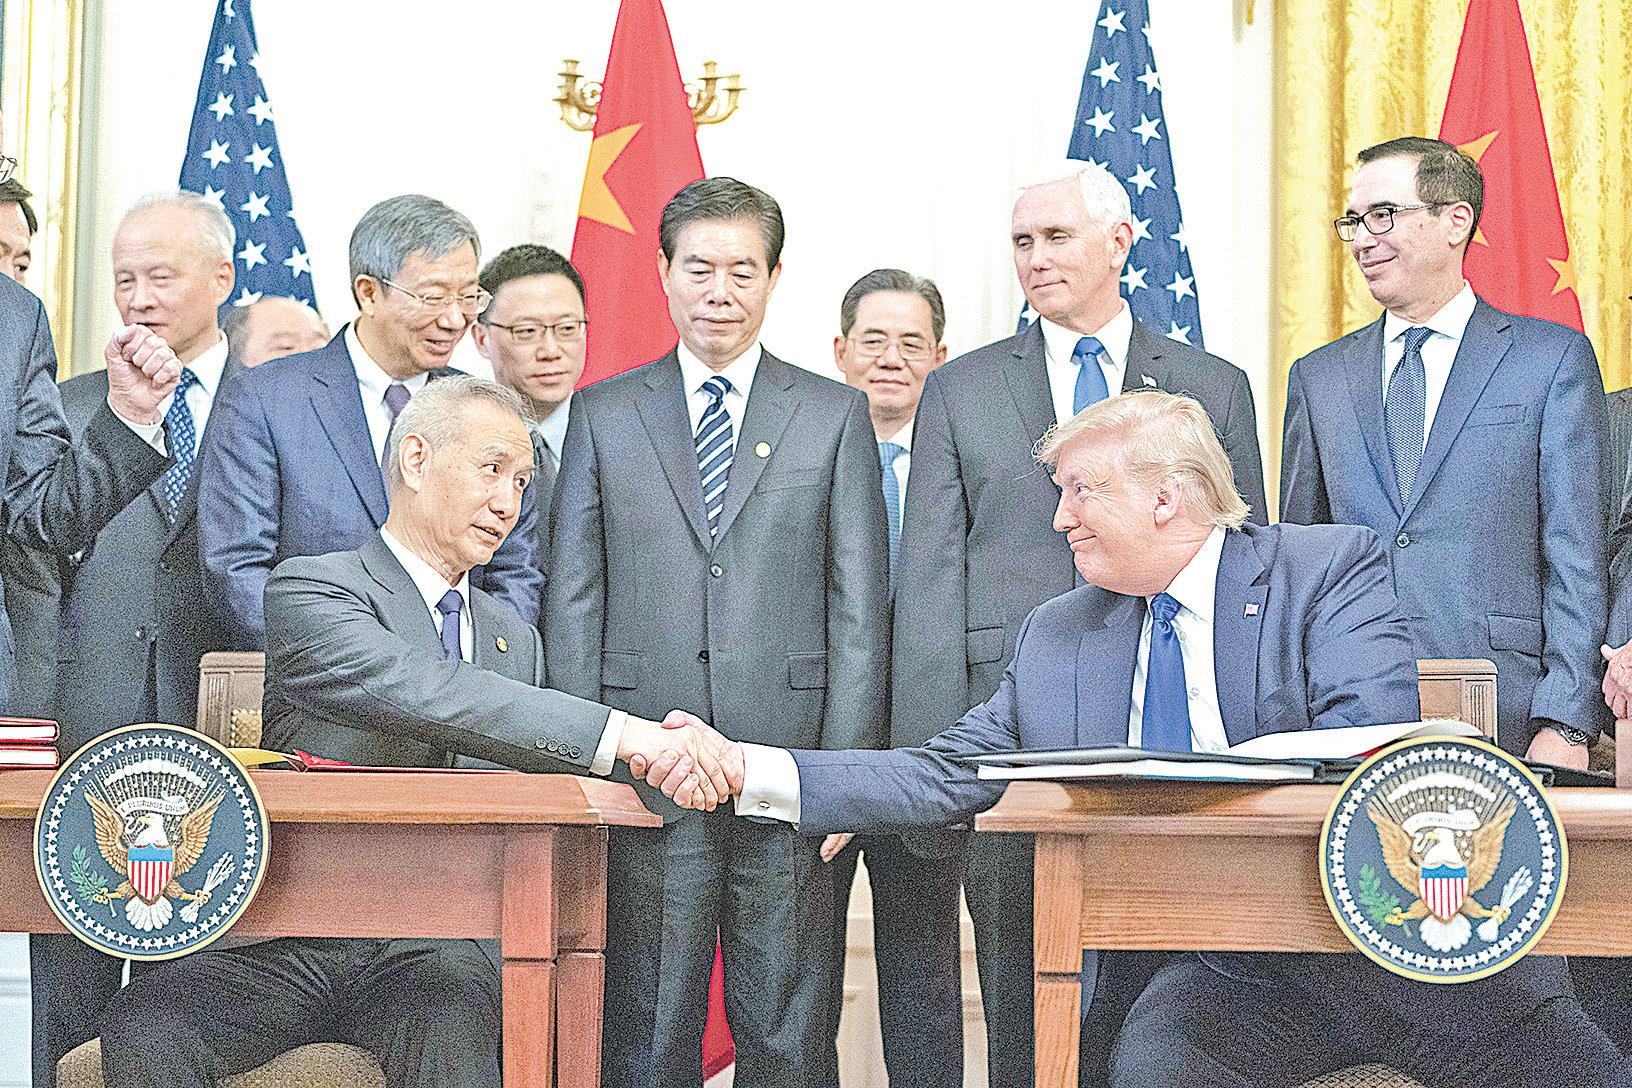 2020年1月15日,美國總統特朗普及中共副總理劉鶴在華盛頓簽署中美第一階段貿易協定,為近兩年的中美貿易戰暫時劃下句點。 (白宮Flicker)